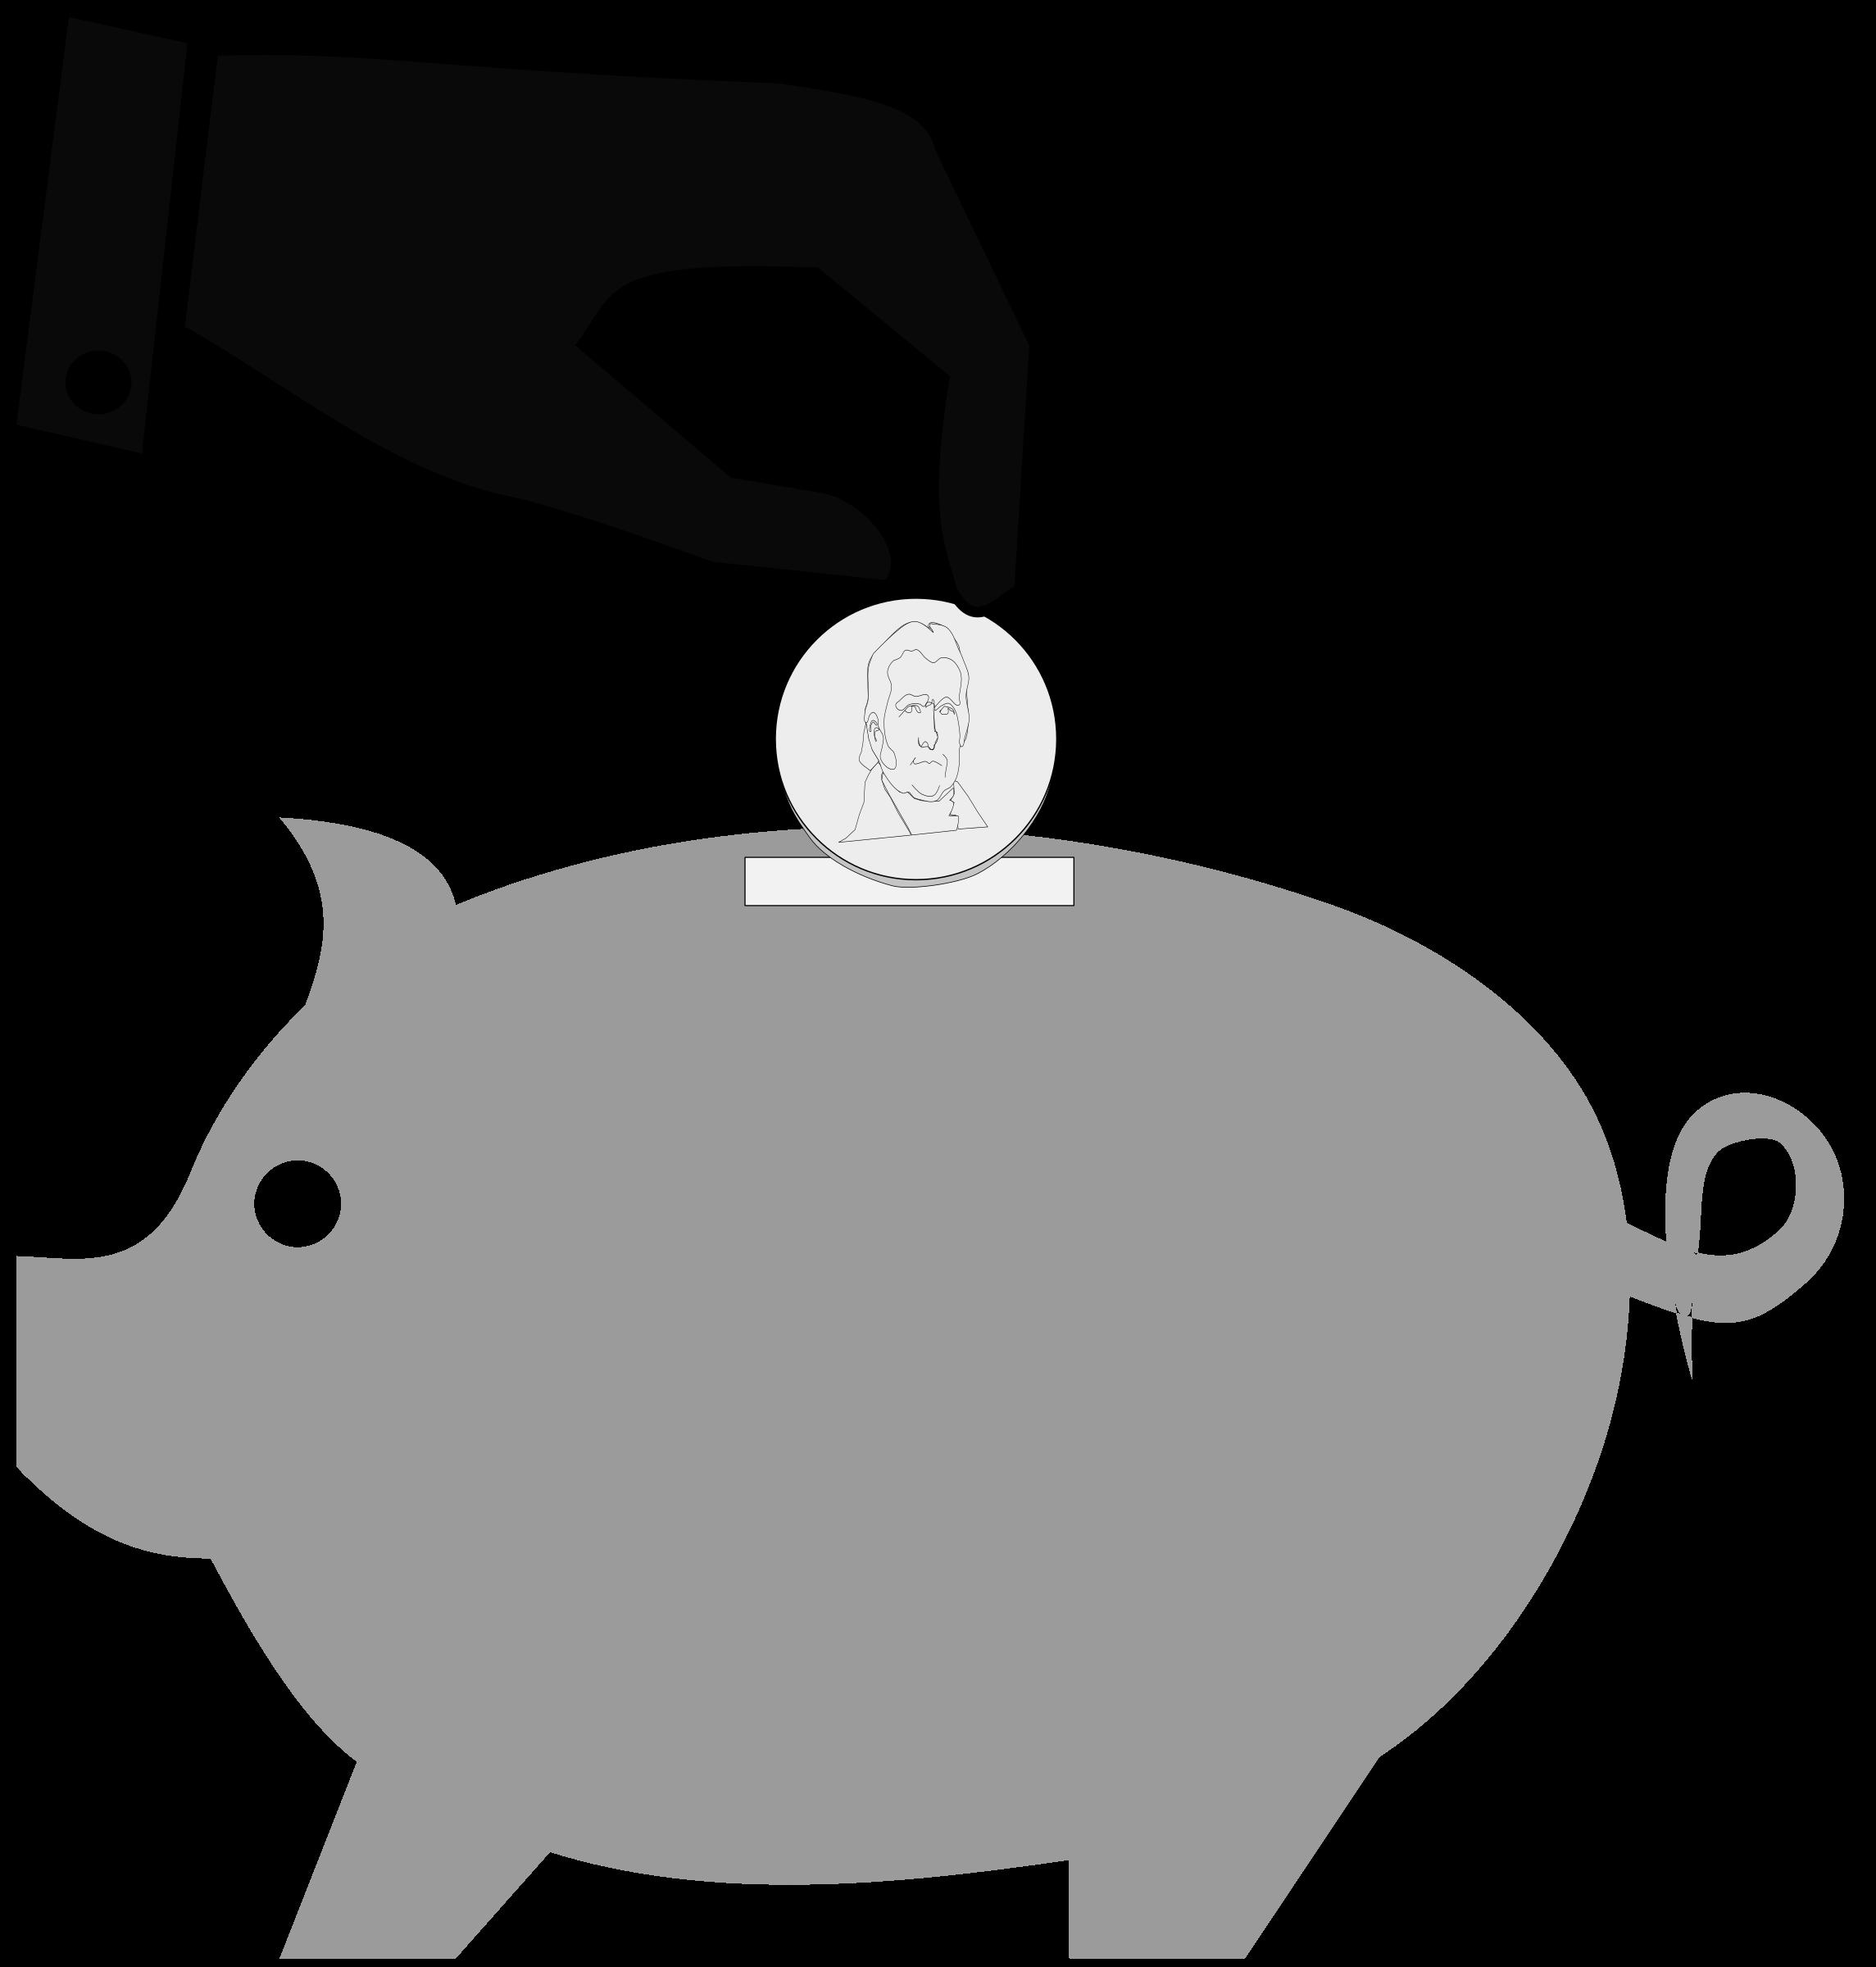 Piggy clipartblack com animal. Clipart pig bank